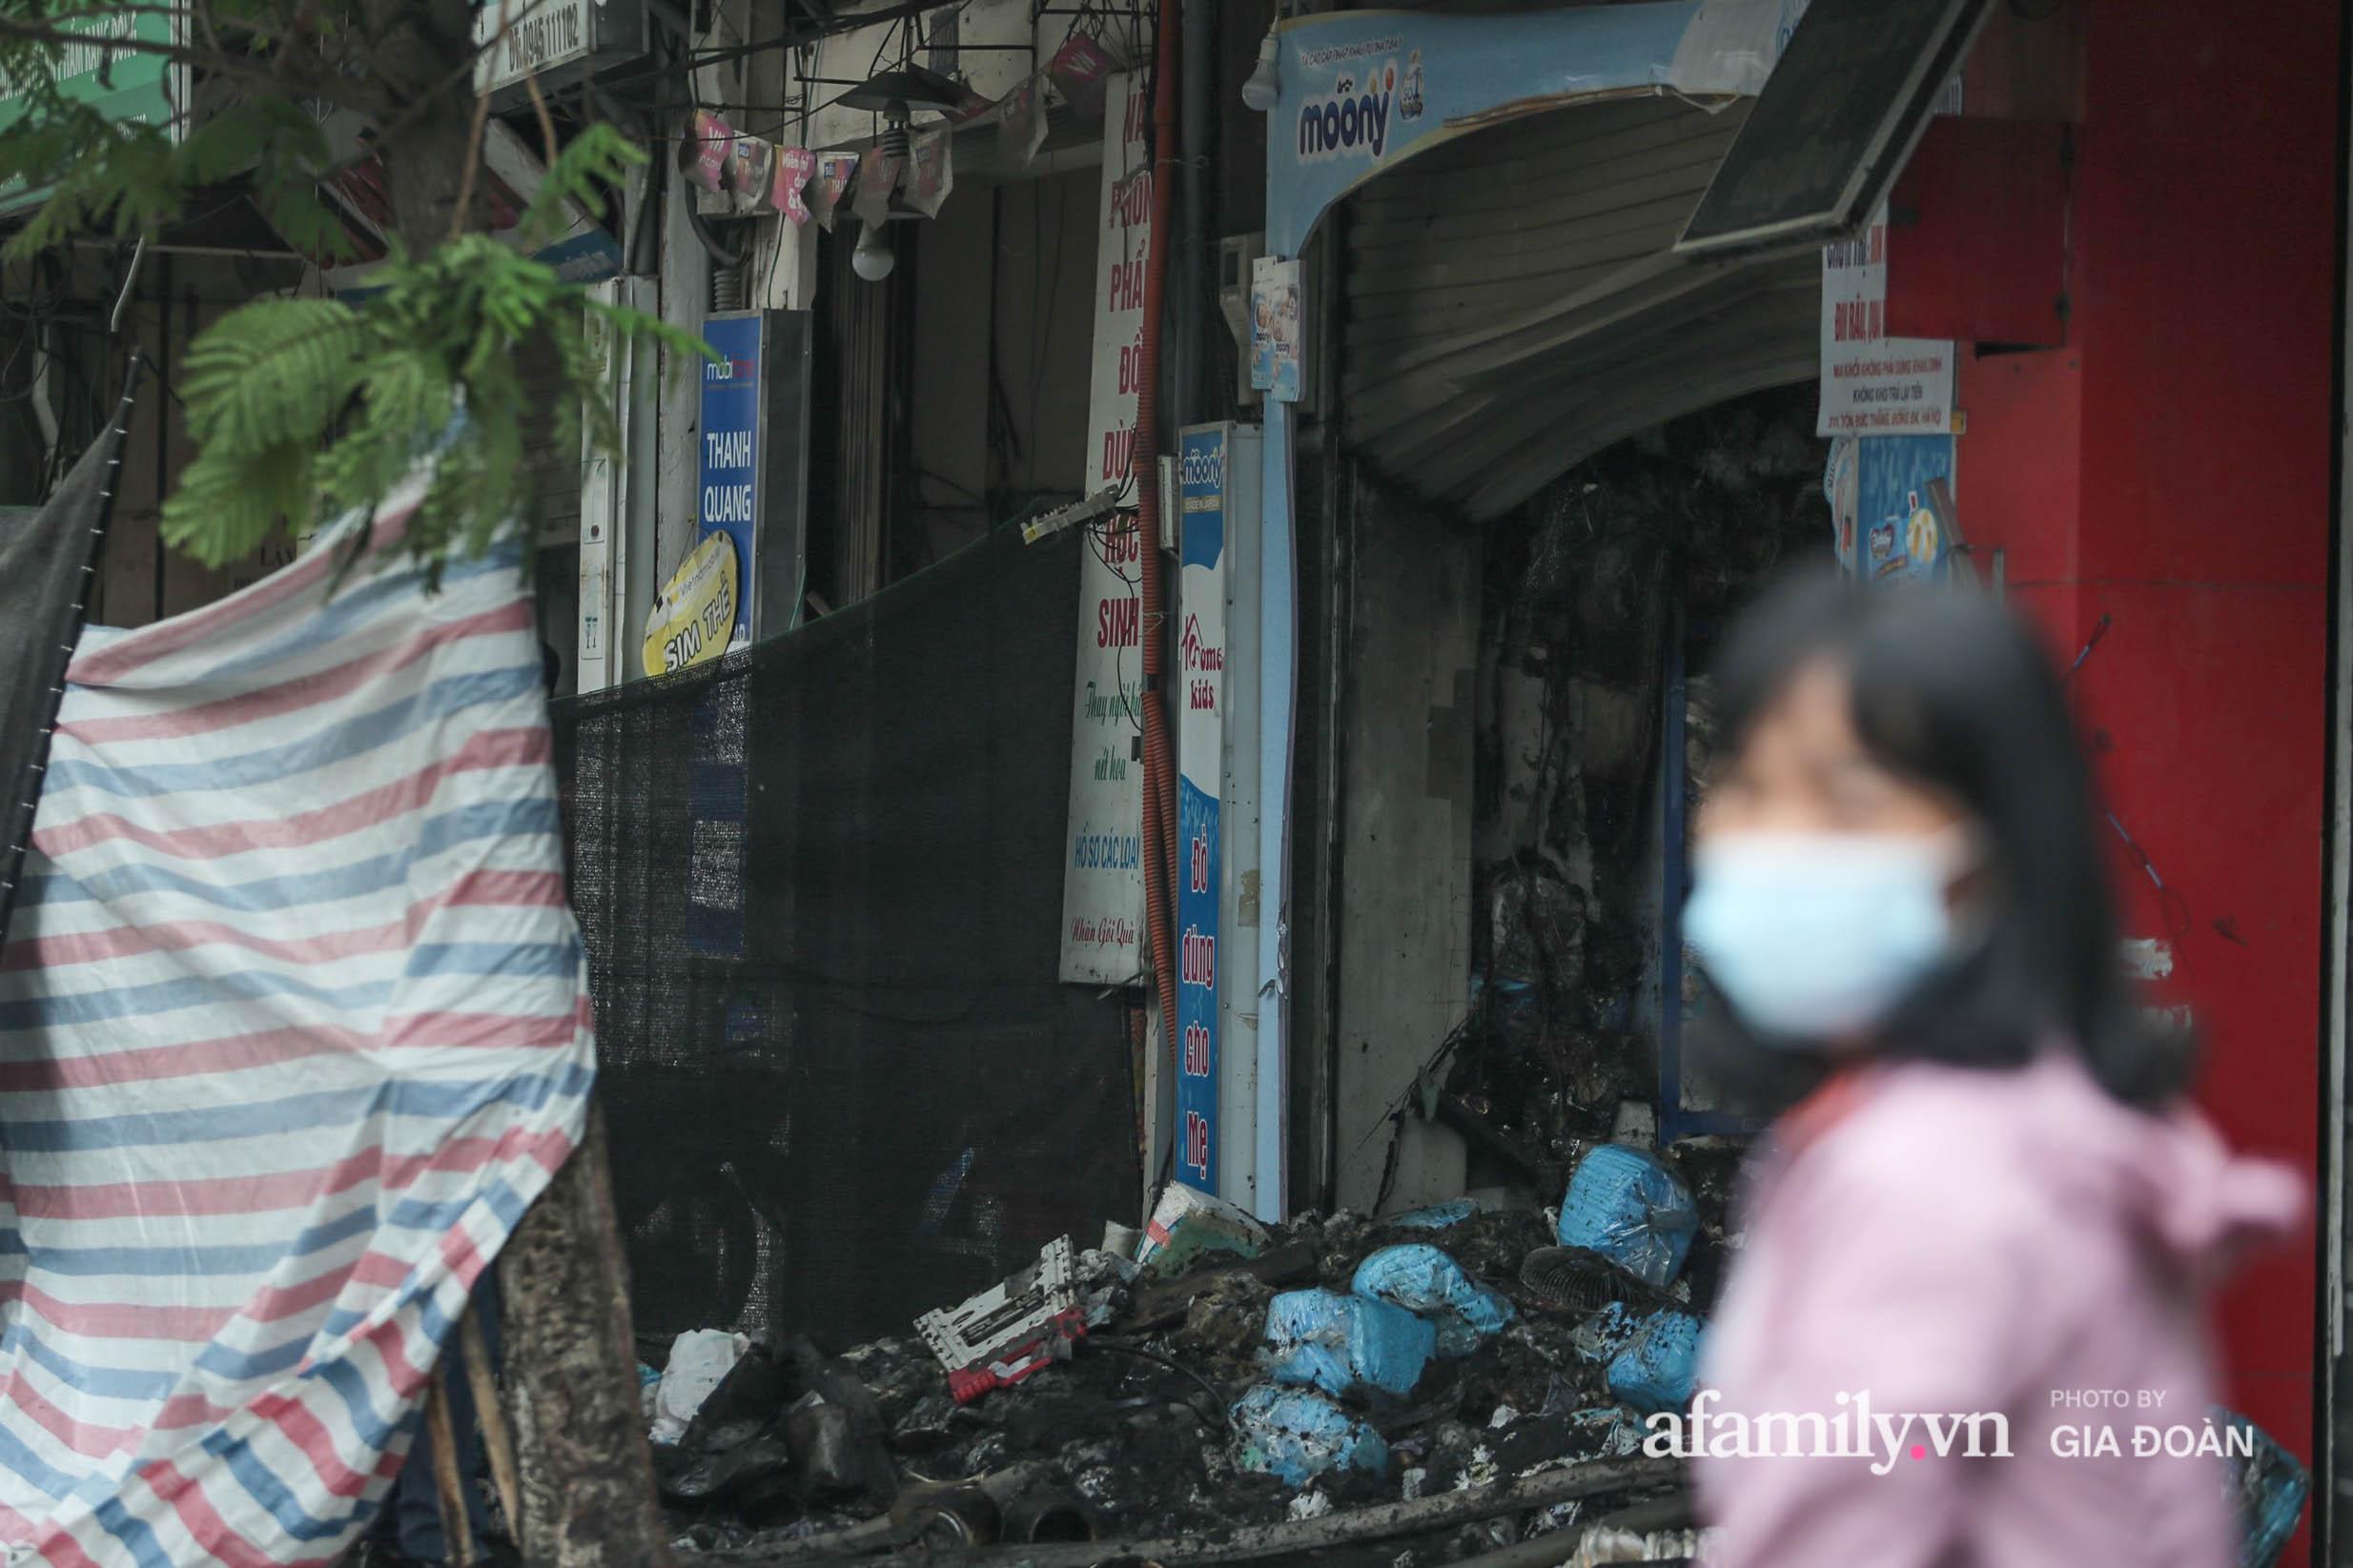 Hiện trường ám ảnh bên trong ngôi nhà bị cháy khiến 4 người trong cùng một gia đình tử vong ở Hà Nội - Ảnh 6.